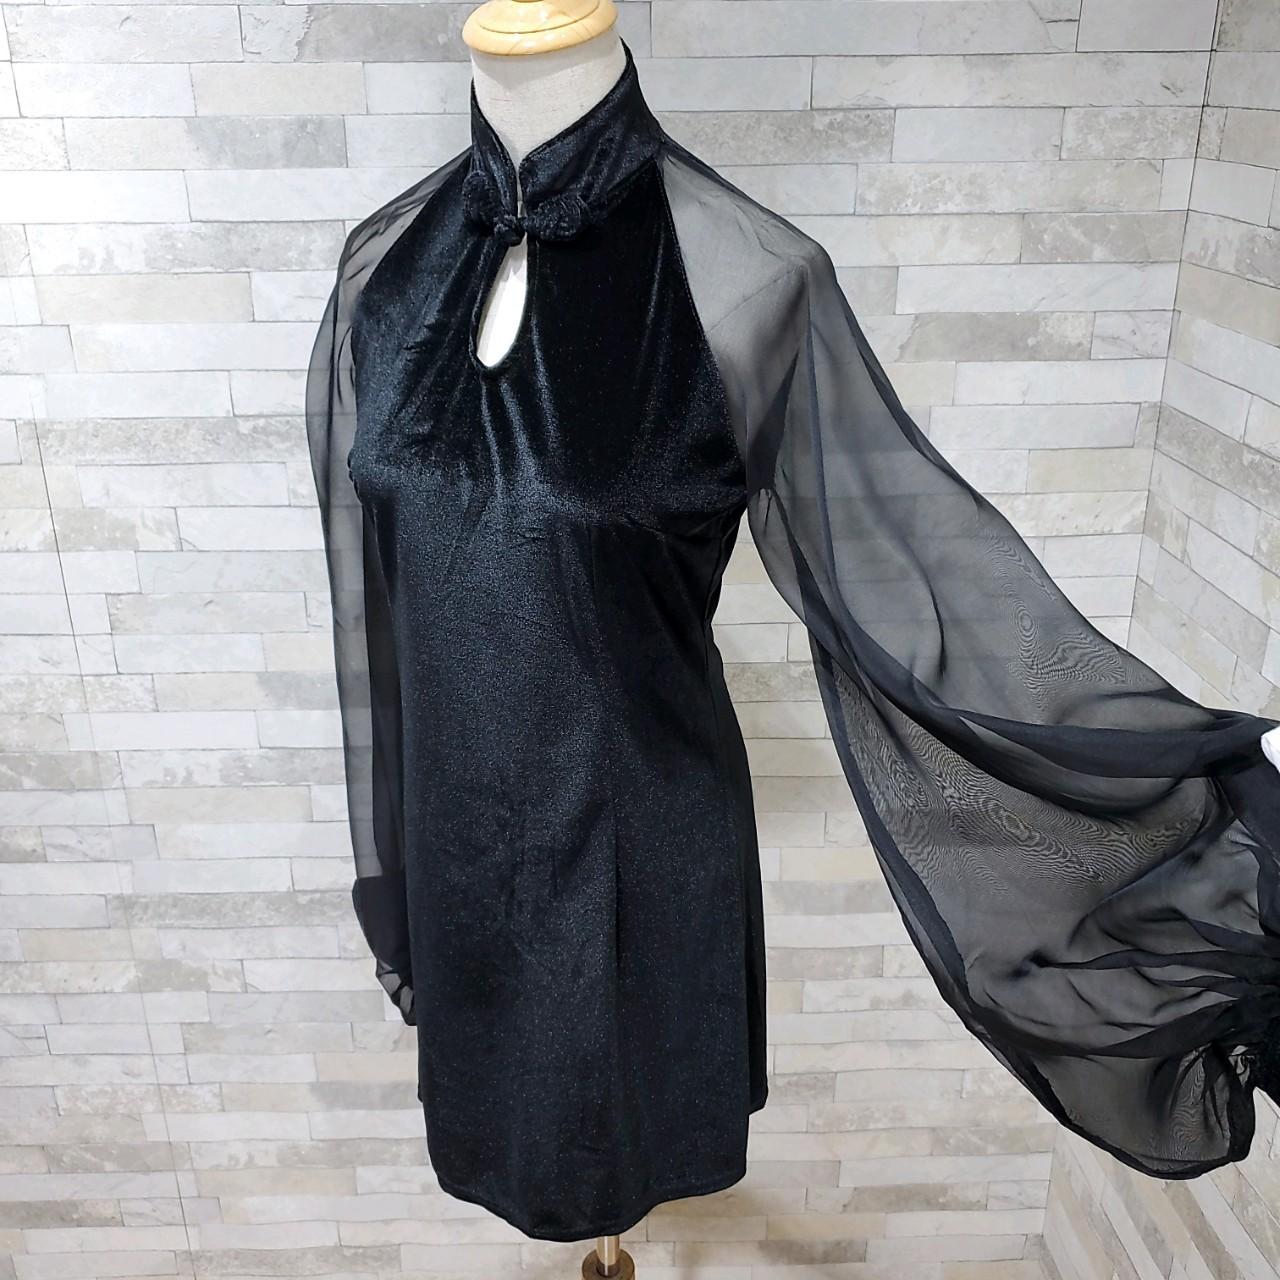 【即納】韓国 ファッション ワンピース パーティードレス ショート ミニ丈 秋 冬 パーティー ブライダル SPTXG825 結婚式 お呼ばれ シースルー チャイナドレス風  二次会 セレブ きれいめの写真20枚目